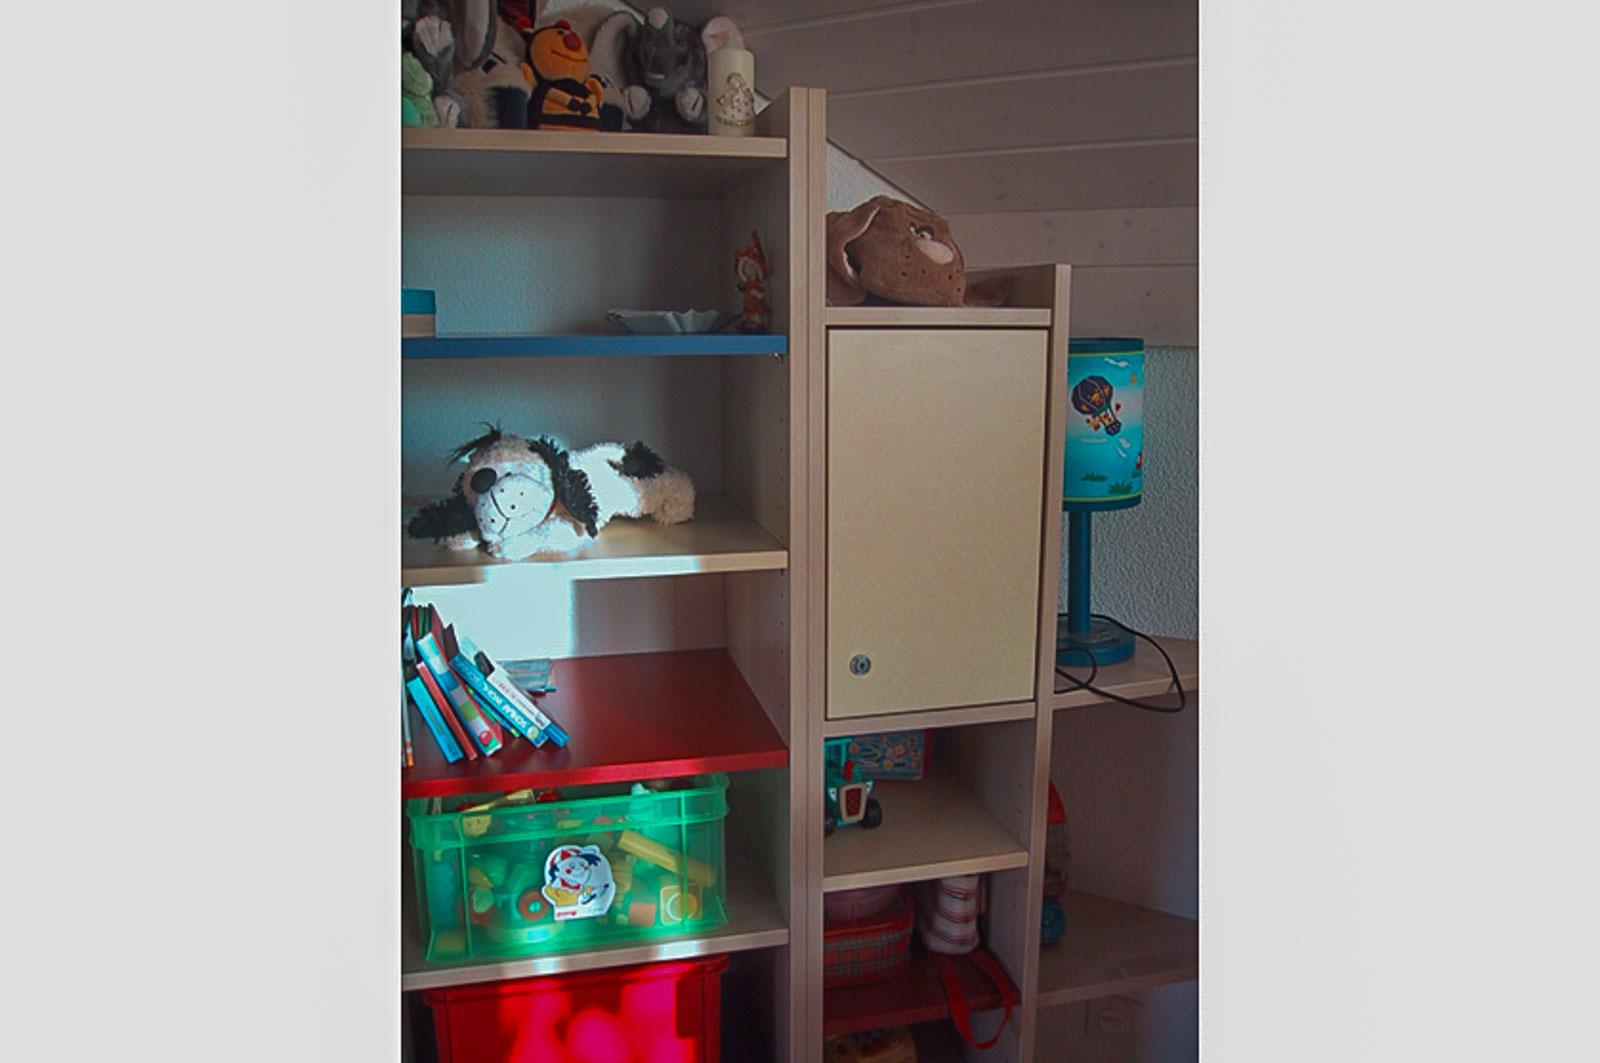 Wooddesign_Kinderzimmer_Kinderbett_Spielzimmer_Schreibtisch-Verstauraum_ Schubladen_Pinwand_Bücherregal (26)